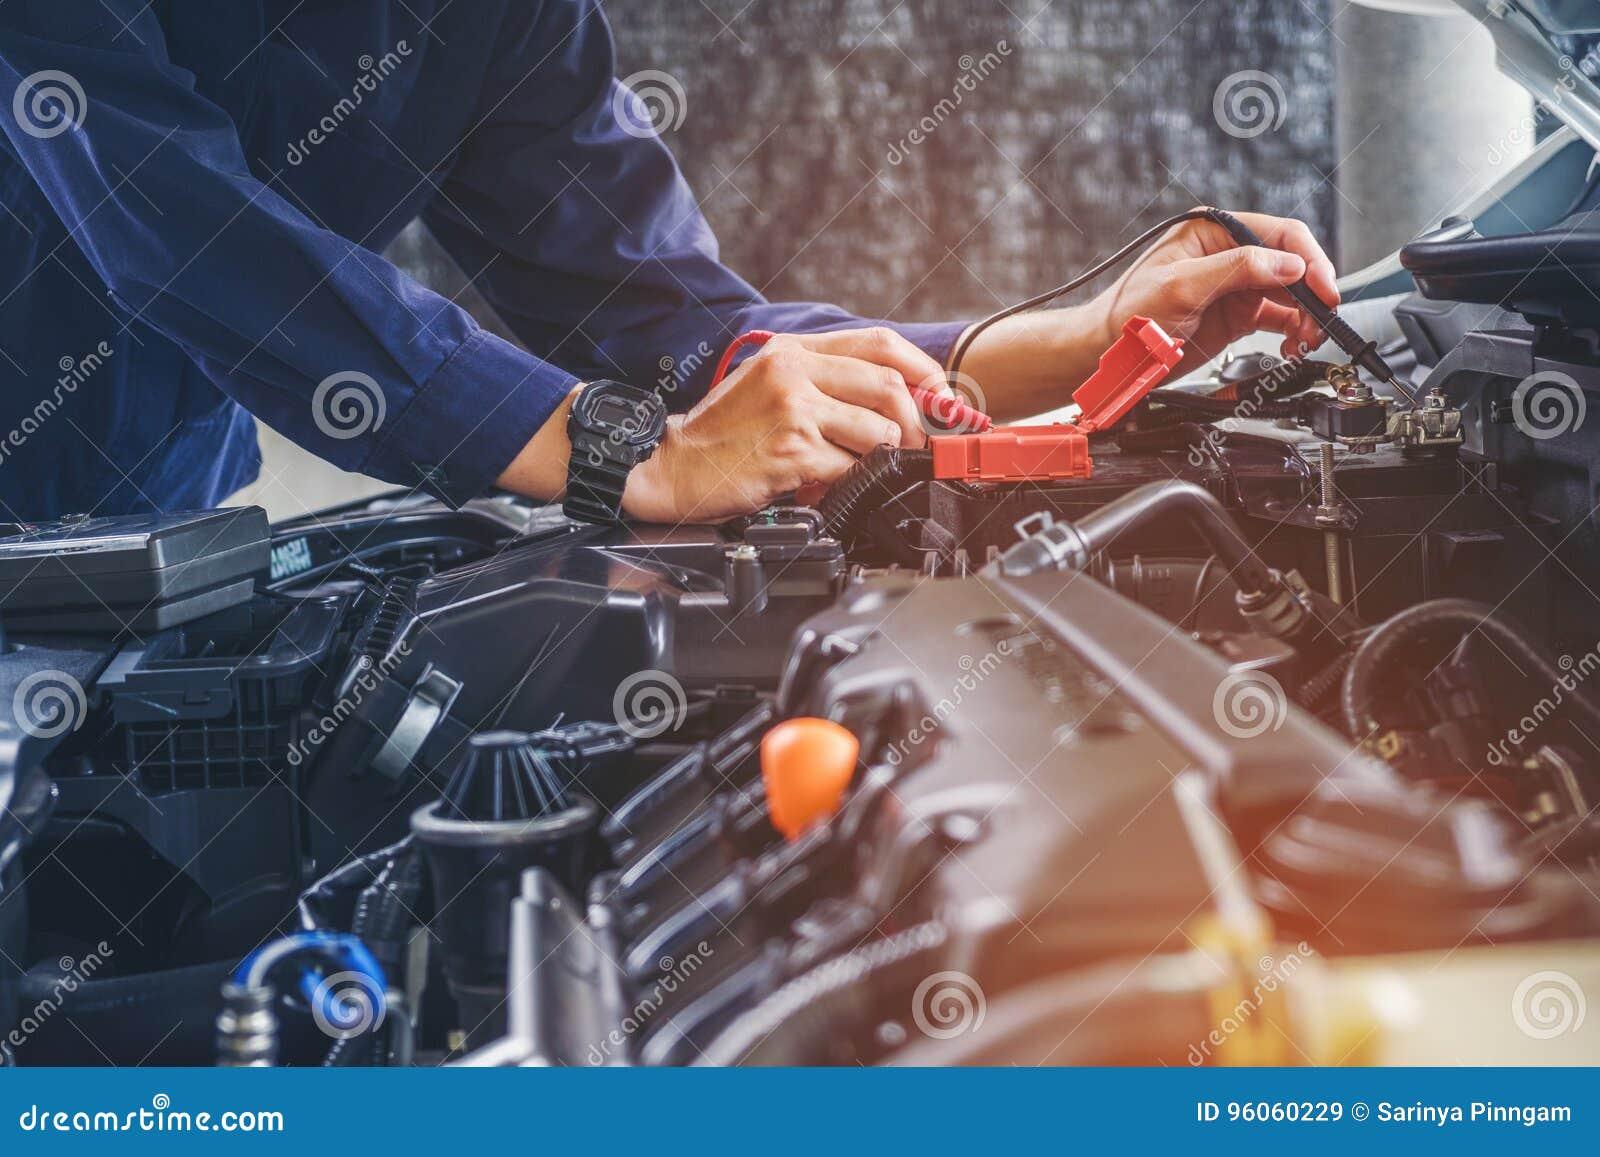 Χέρια του μηχανικού αυτοκινήτων που λειτουργούν στην αυτόματη υπηρεσία επισκευής